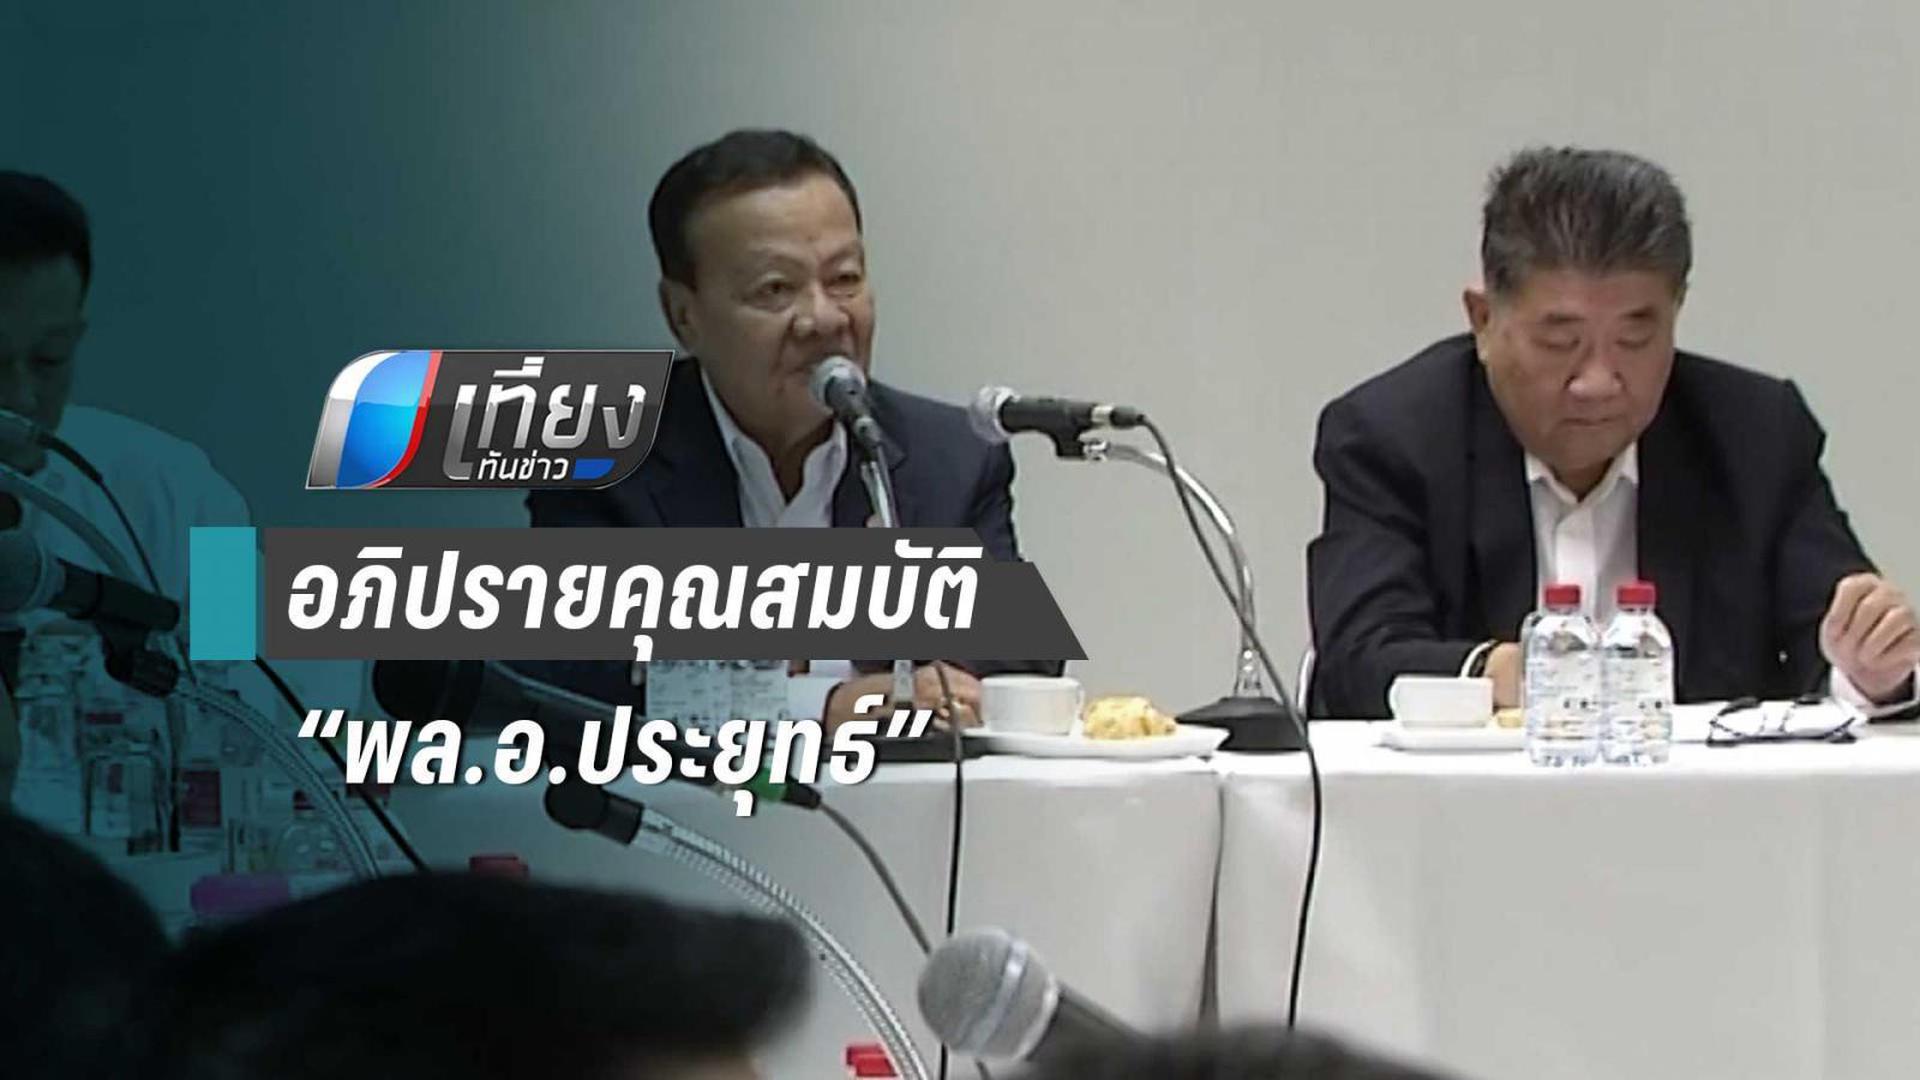 """เพื่อไทย ถกวิป 7 พรรคฝ่ายค้าน จ่อซักฟอก """"บิ๊กตู่"""" วันแถลงนโยบาย รบ."""